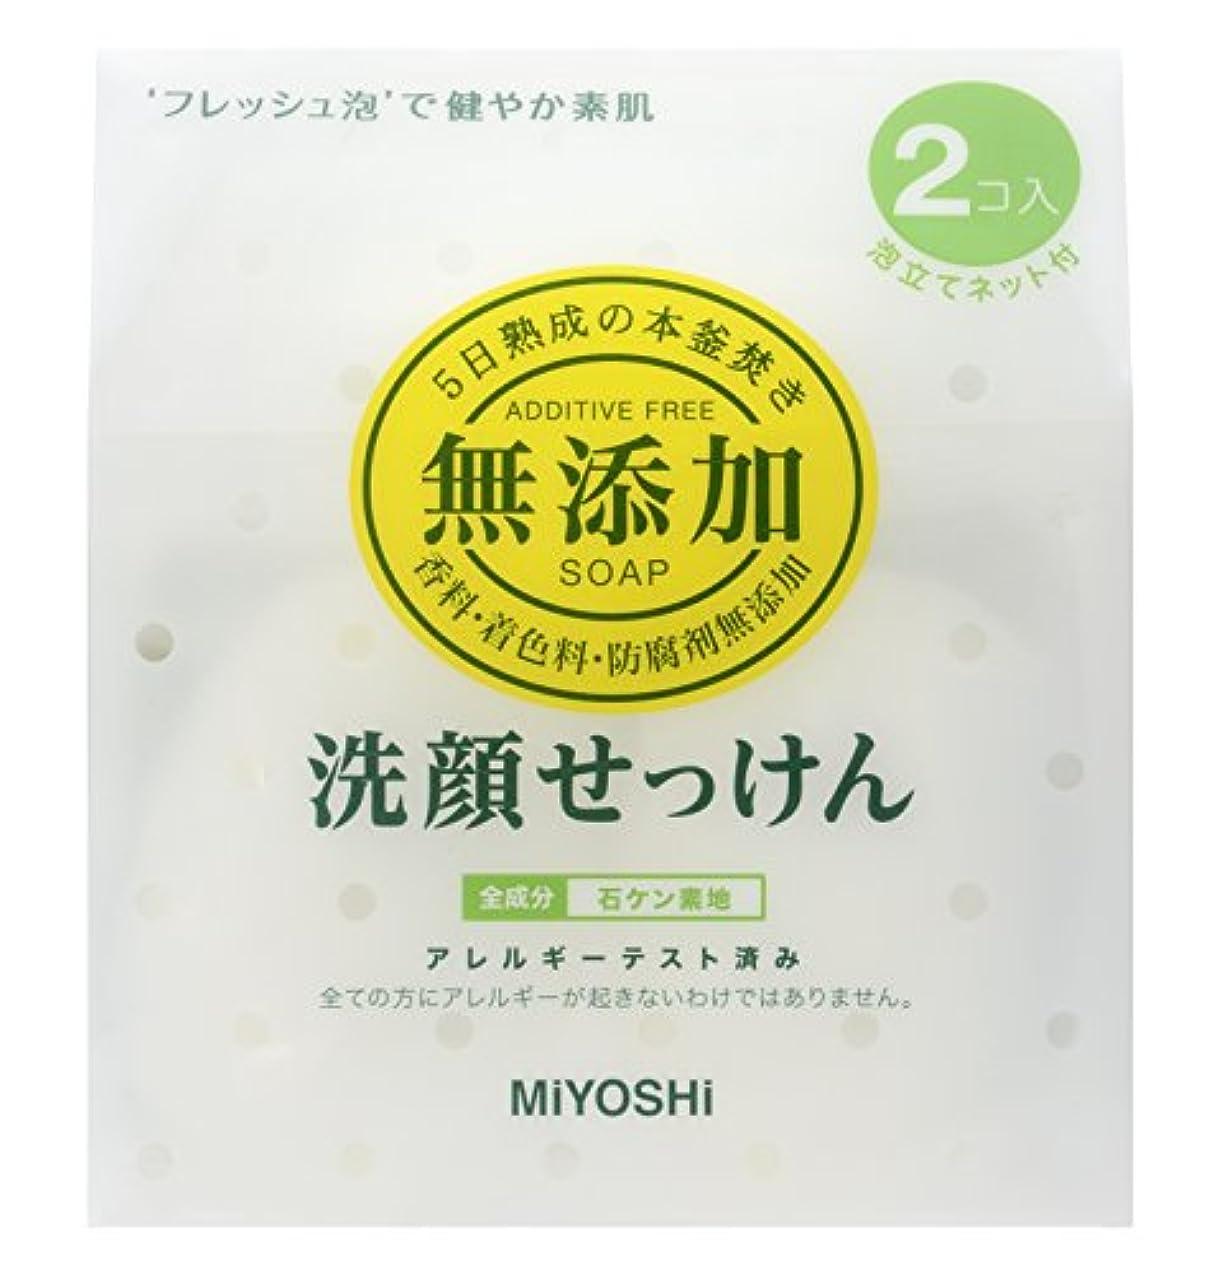 バクテリア小屋ハードウェア無添加 洗顔せっけん 固型  40g×2